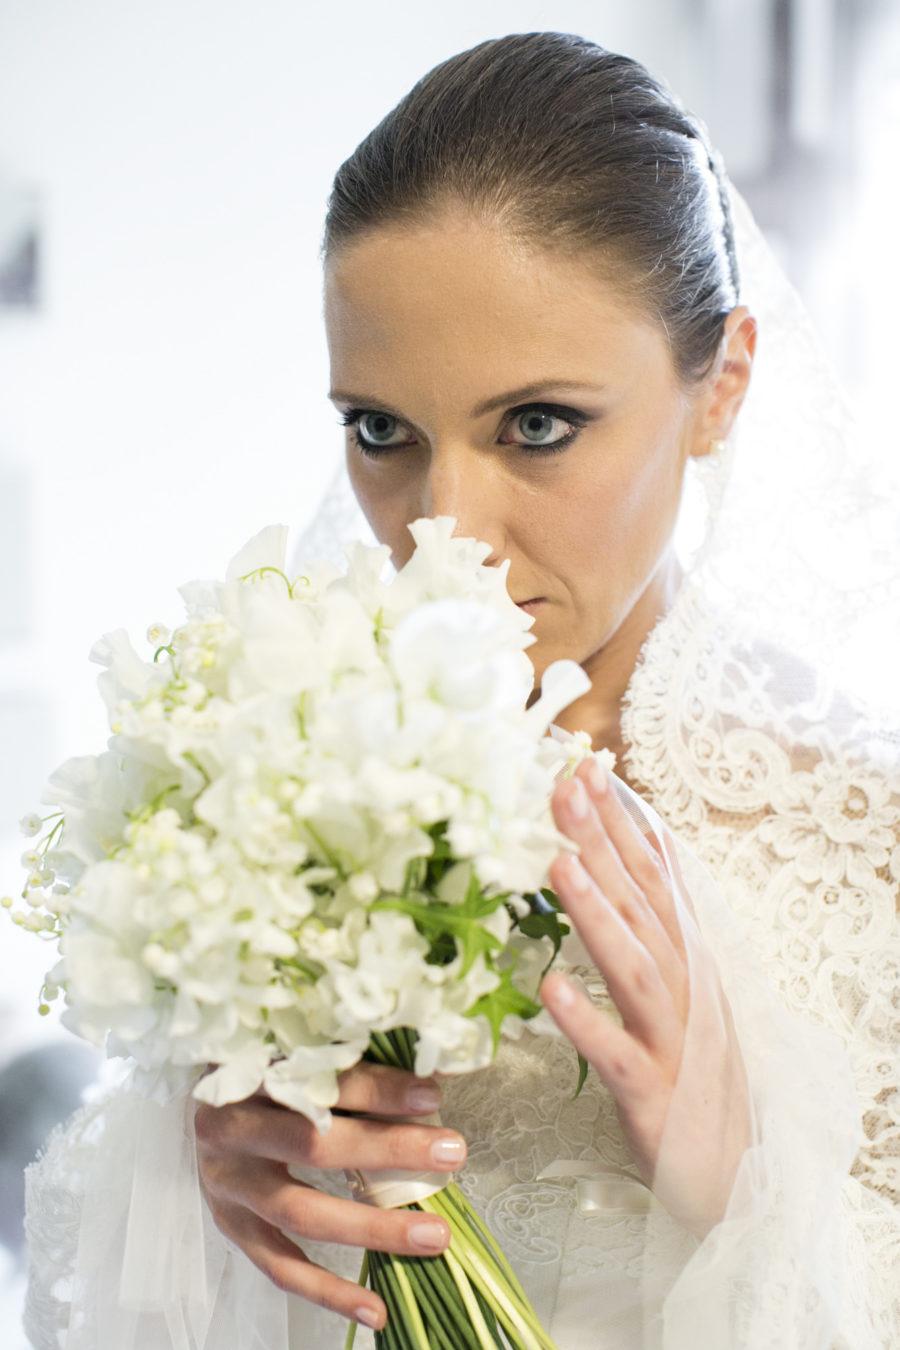 Il matrimonio Milanese di Michela